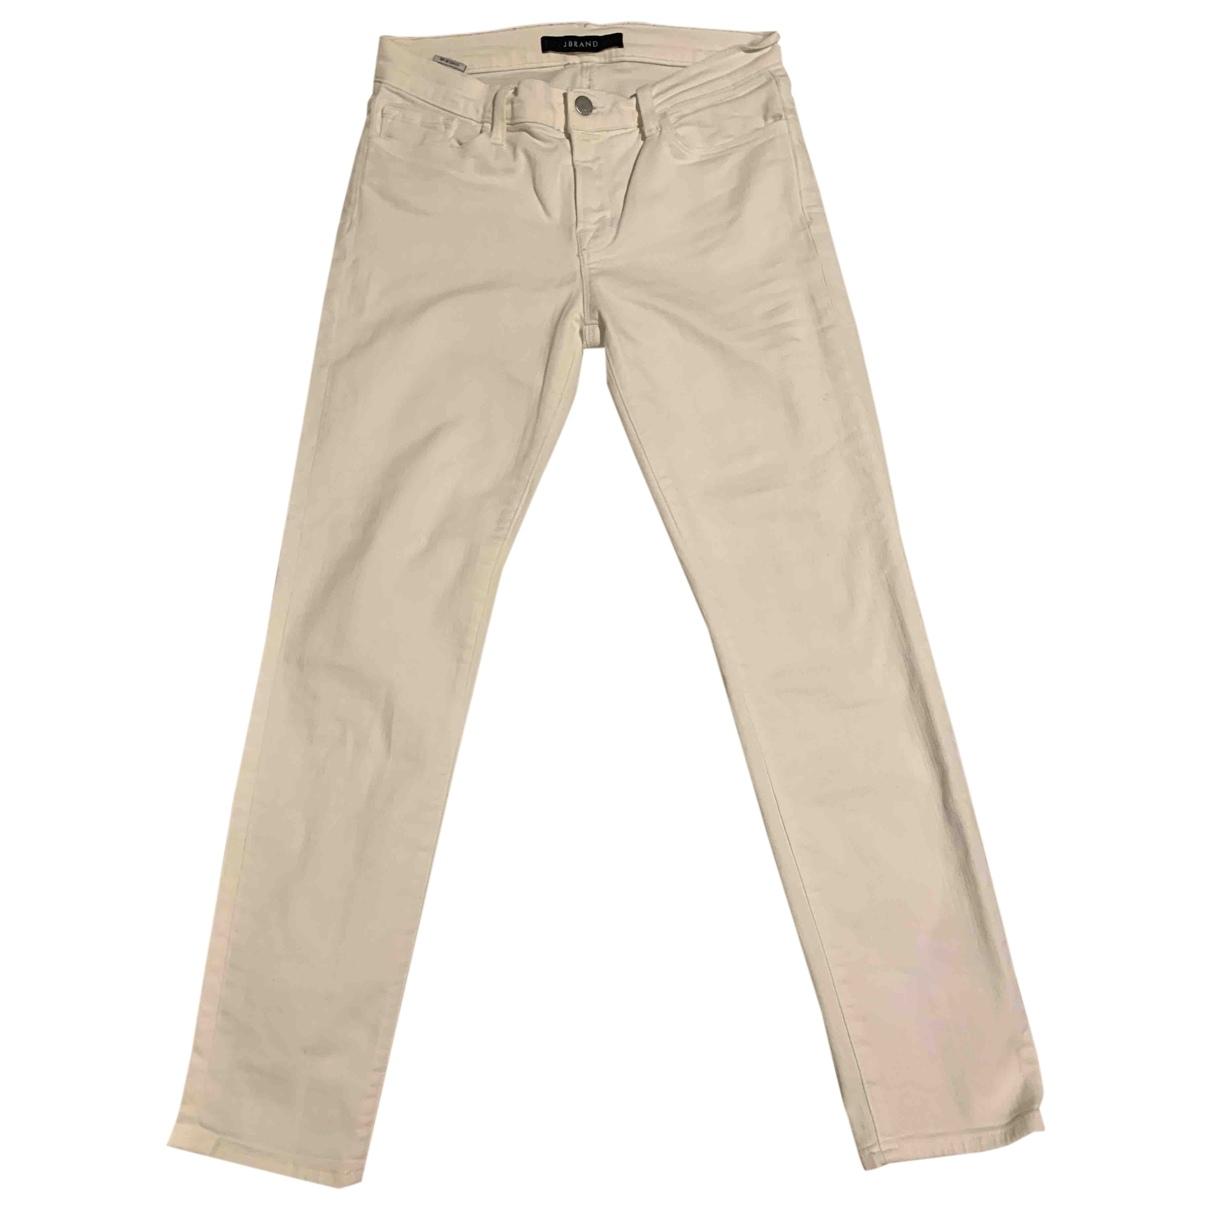 J Brand \N White Denim - Jeans Jeans for Women 27 US